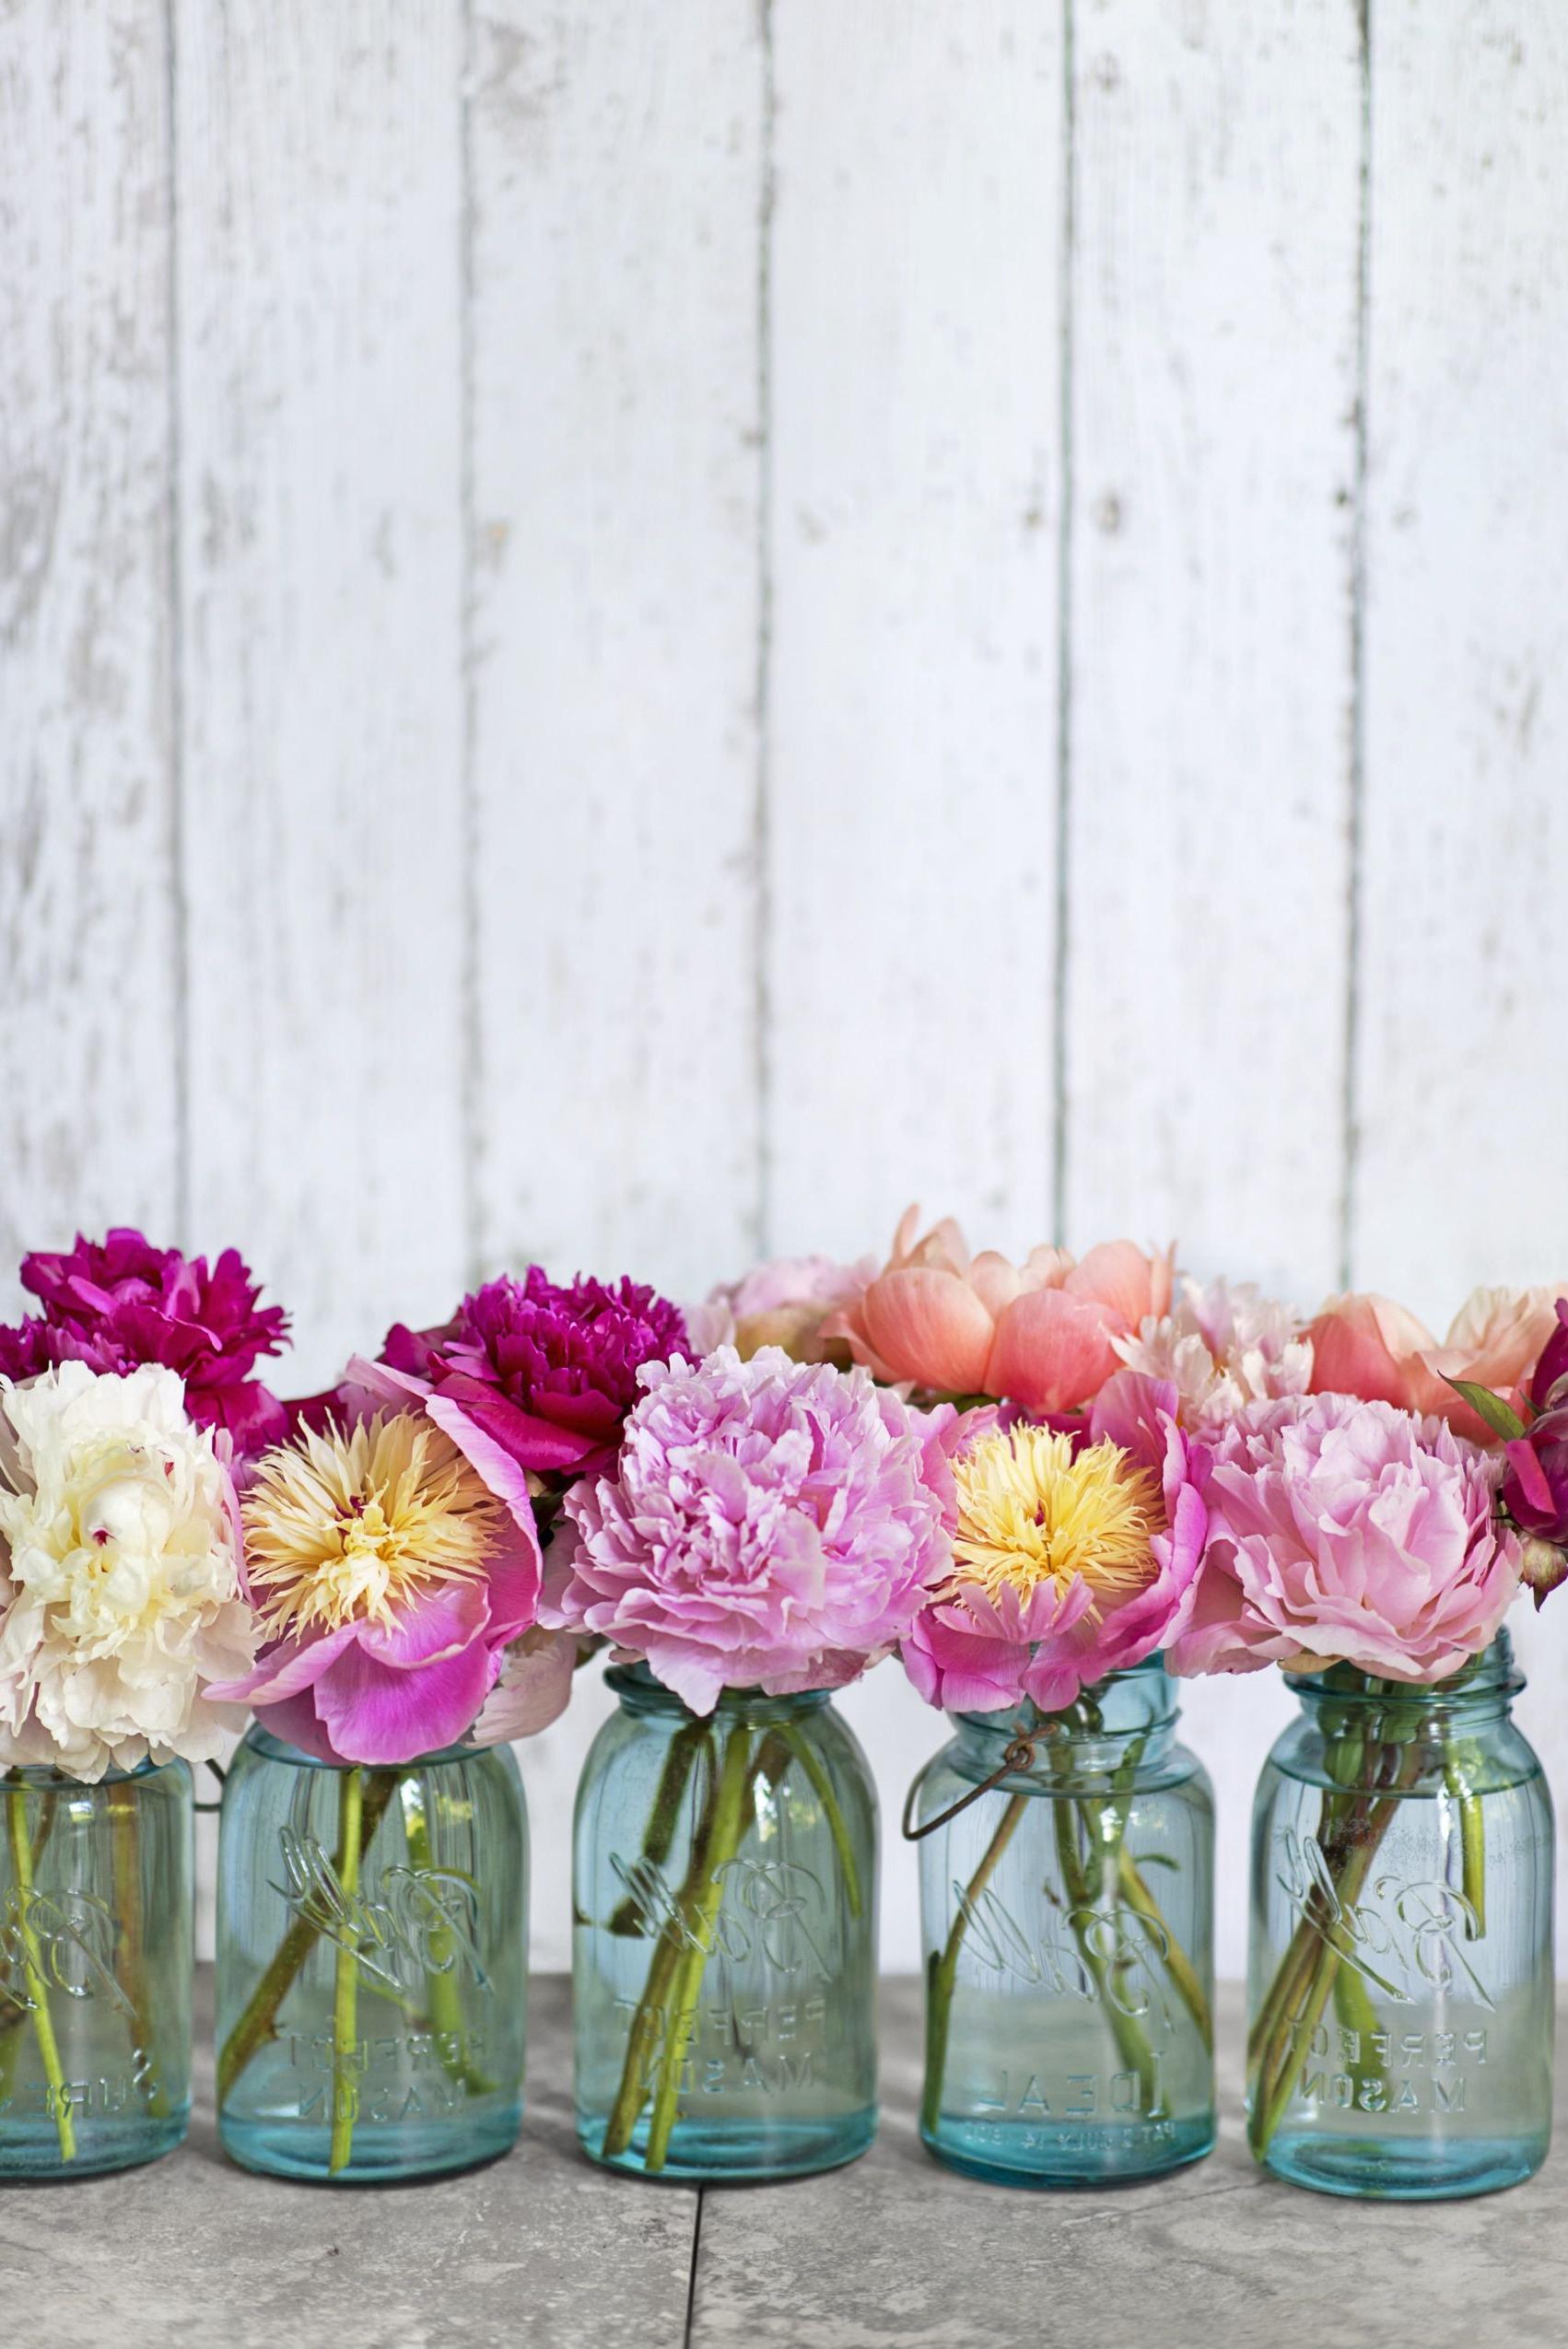 En cas de doute, choisissez toujours des fleurs! Ils feront toujours en sorte que quelqu'un se sente aimé et spécial.